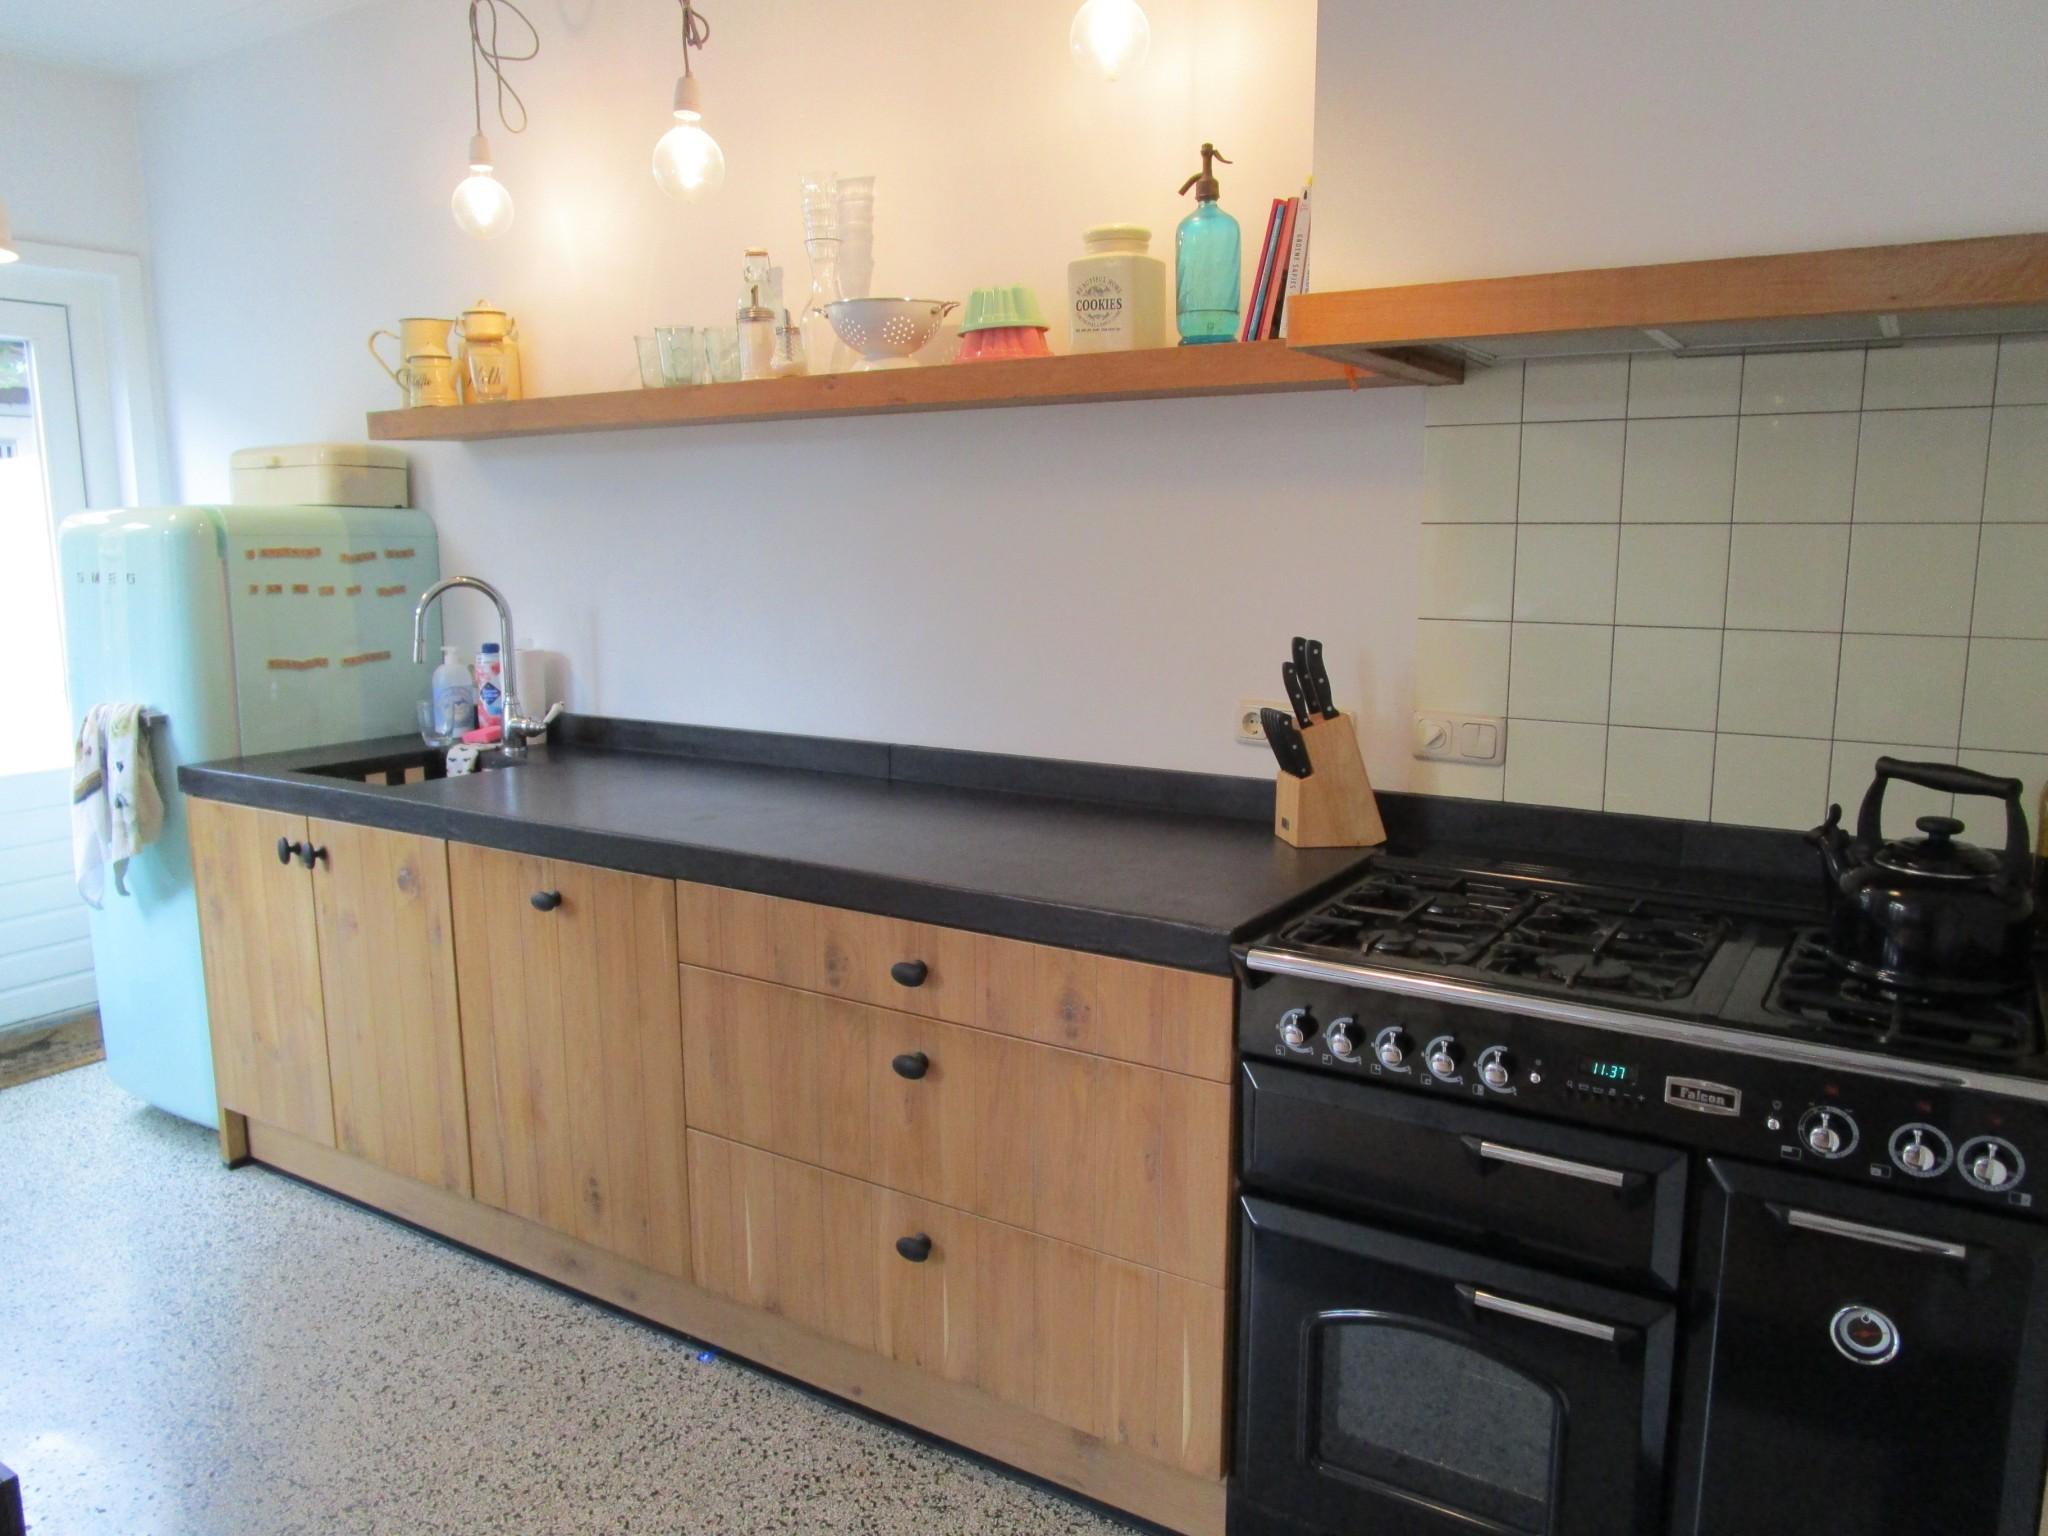 Schrobvaste Muurverf Keuken : Afwasbare muurverf keuken